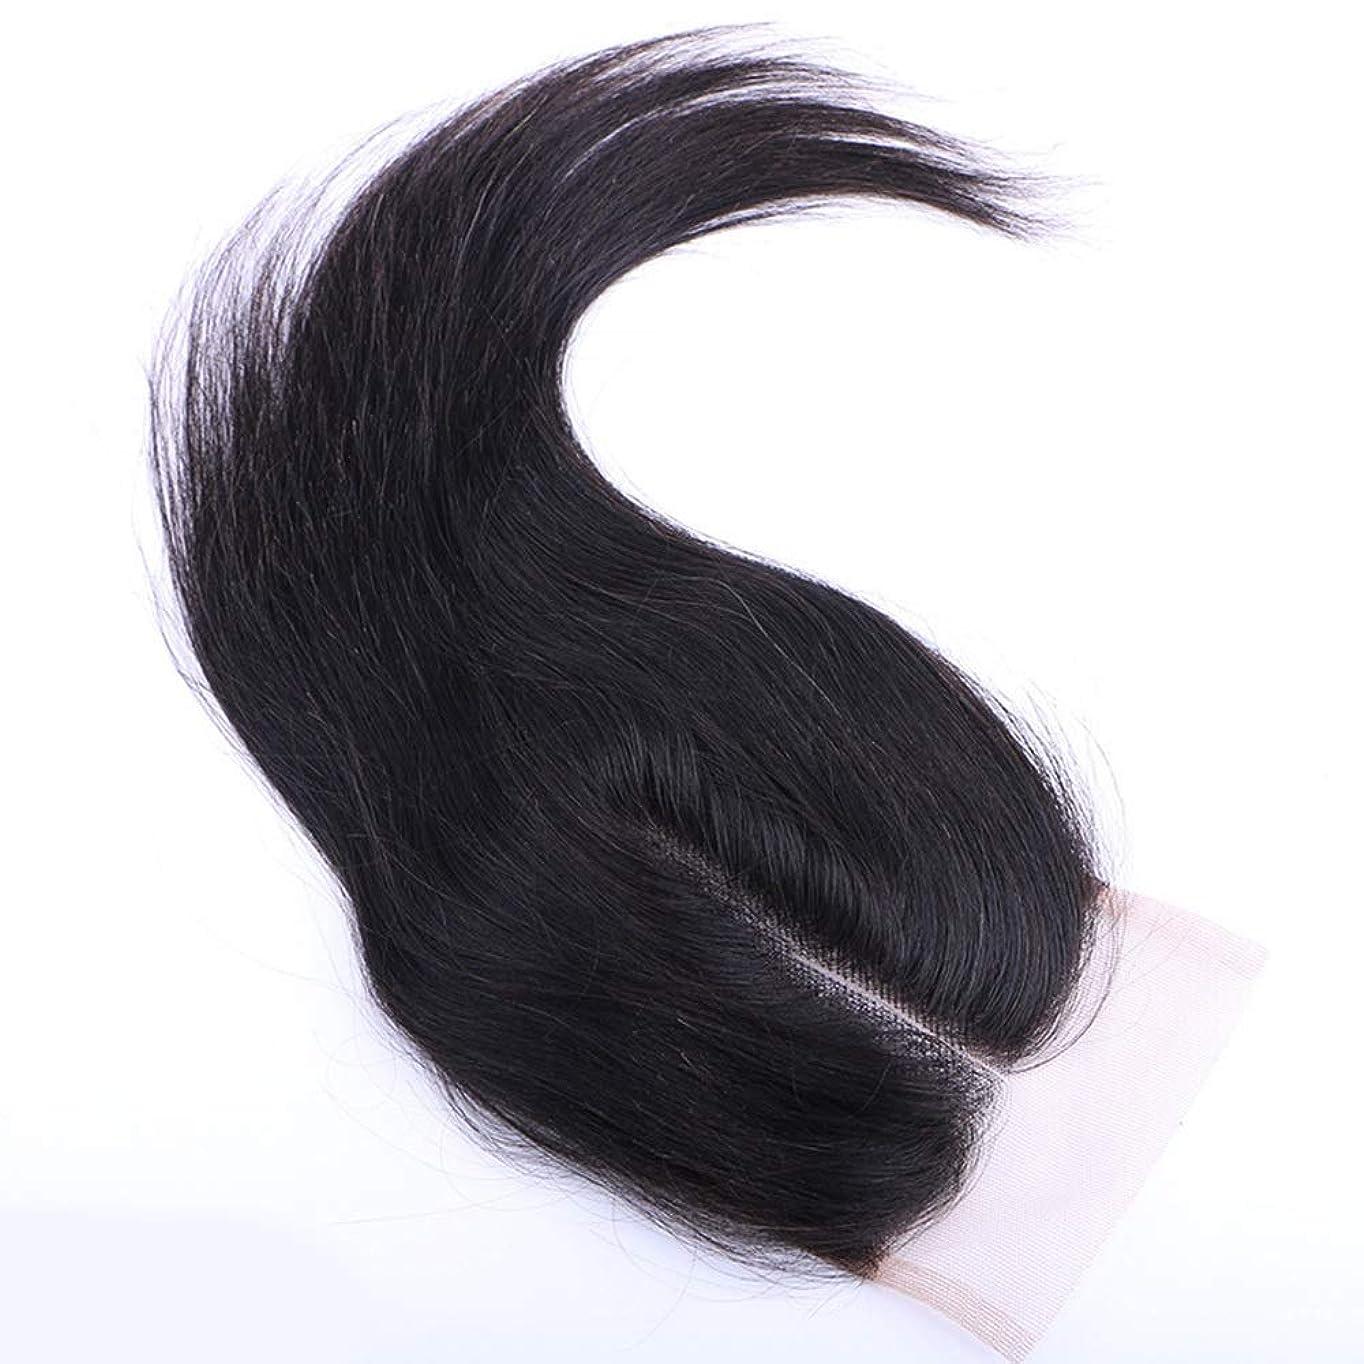 親指デコラティブ世辞BOBIDYEE 自由な部分レース閉鎖4 * 4インチ未処理の100%髪織りエクステンションナチュラルカラー女性複合かつらレースかつらロールプレイングかつら付き人毛バンドル (色 : 黒, サイズ : 12 inch)